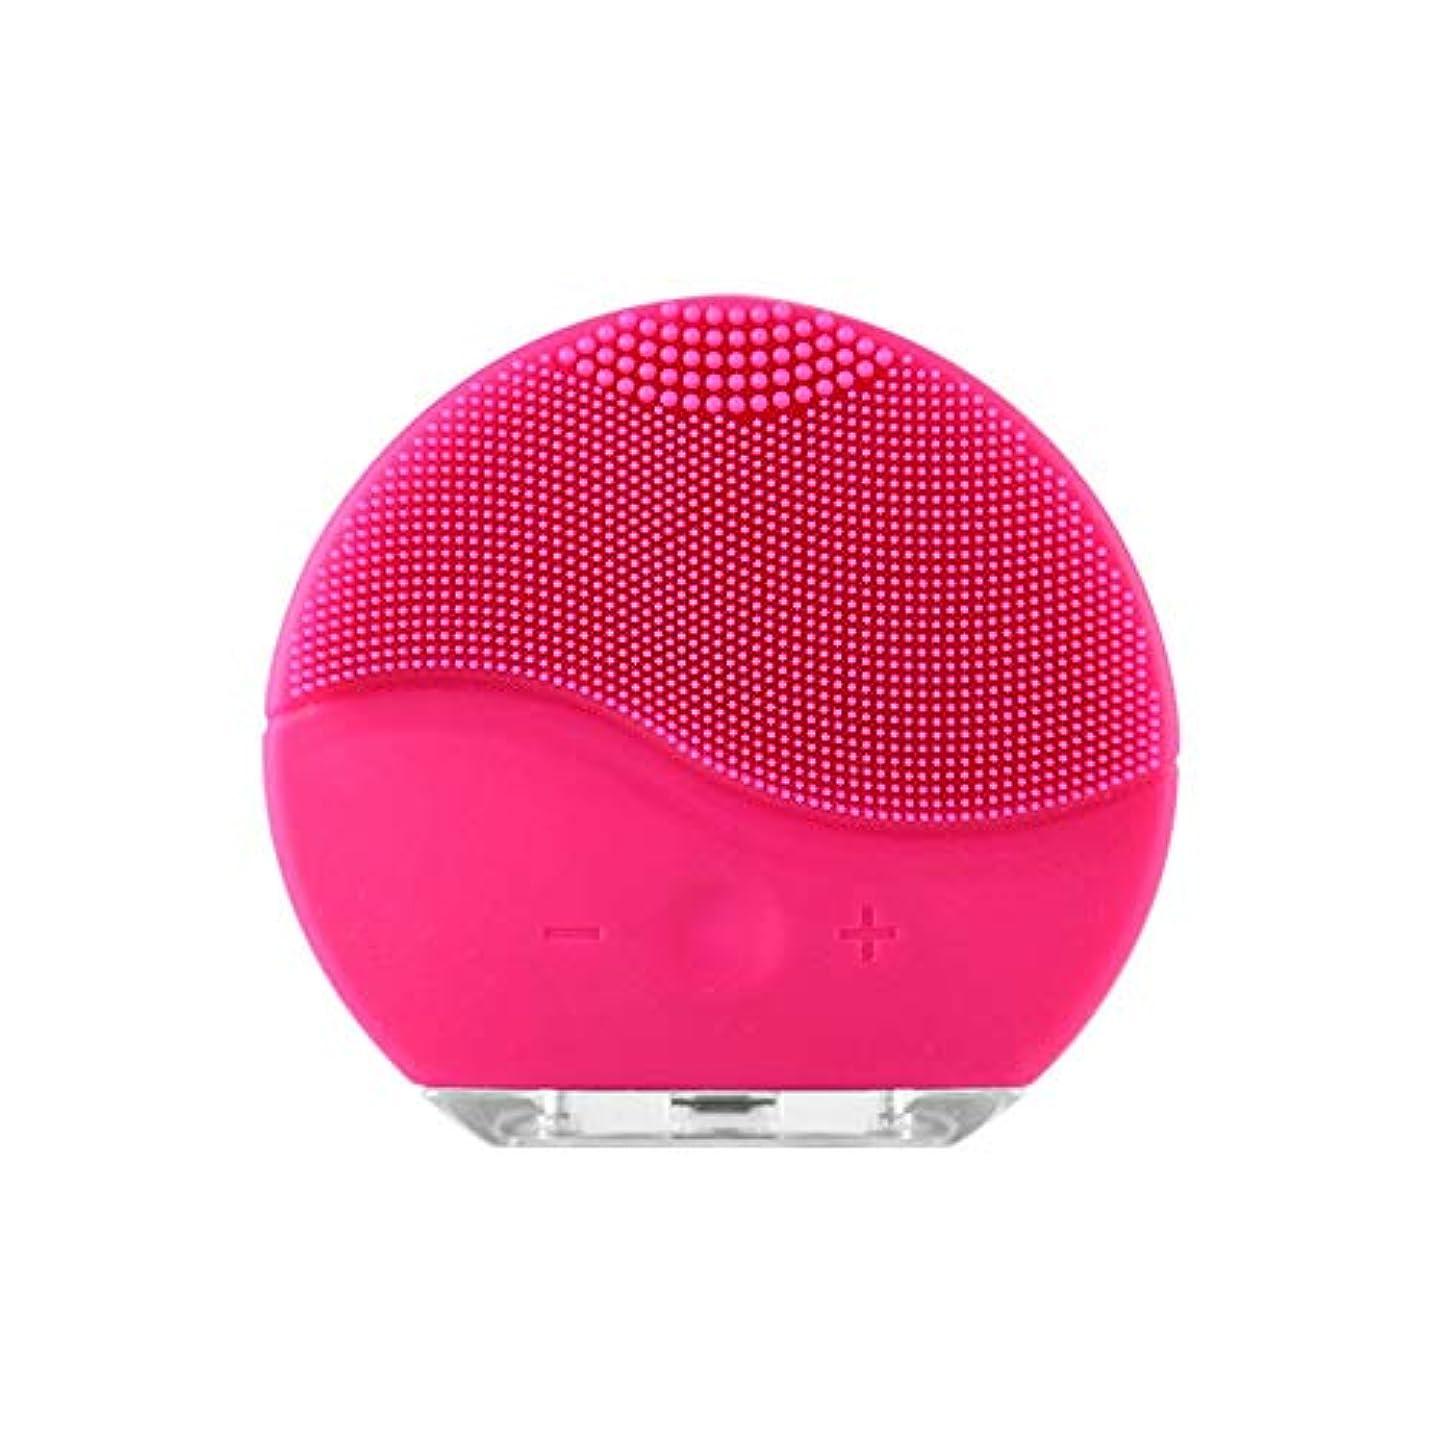 星噴出するネックレスZXF 新しい家庭用電化製品洗浄器具USB充電シリコーン電気美容器具洗浄ブラシピンク赤 滑らかである (色 : Red)